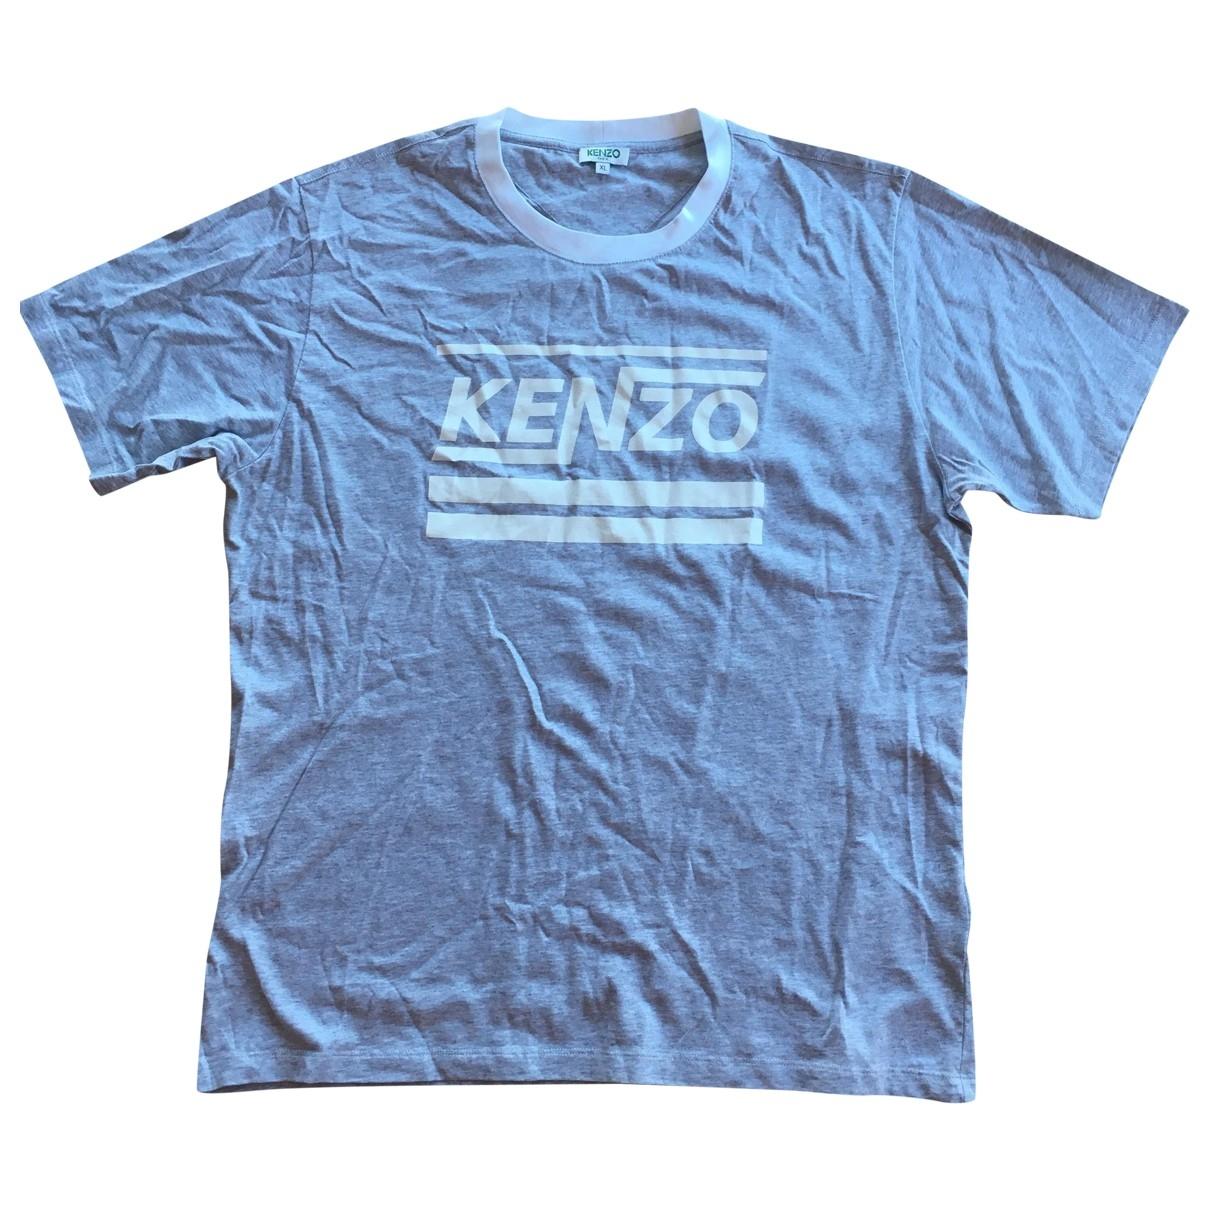 Kenzo - Tee shirts   pour homme en coton - gris